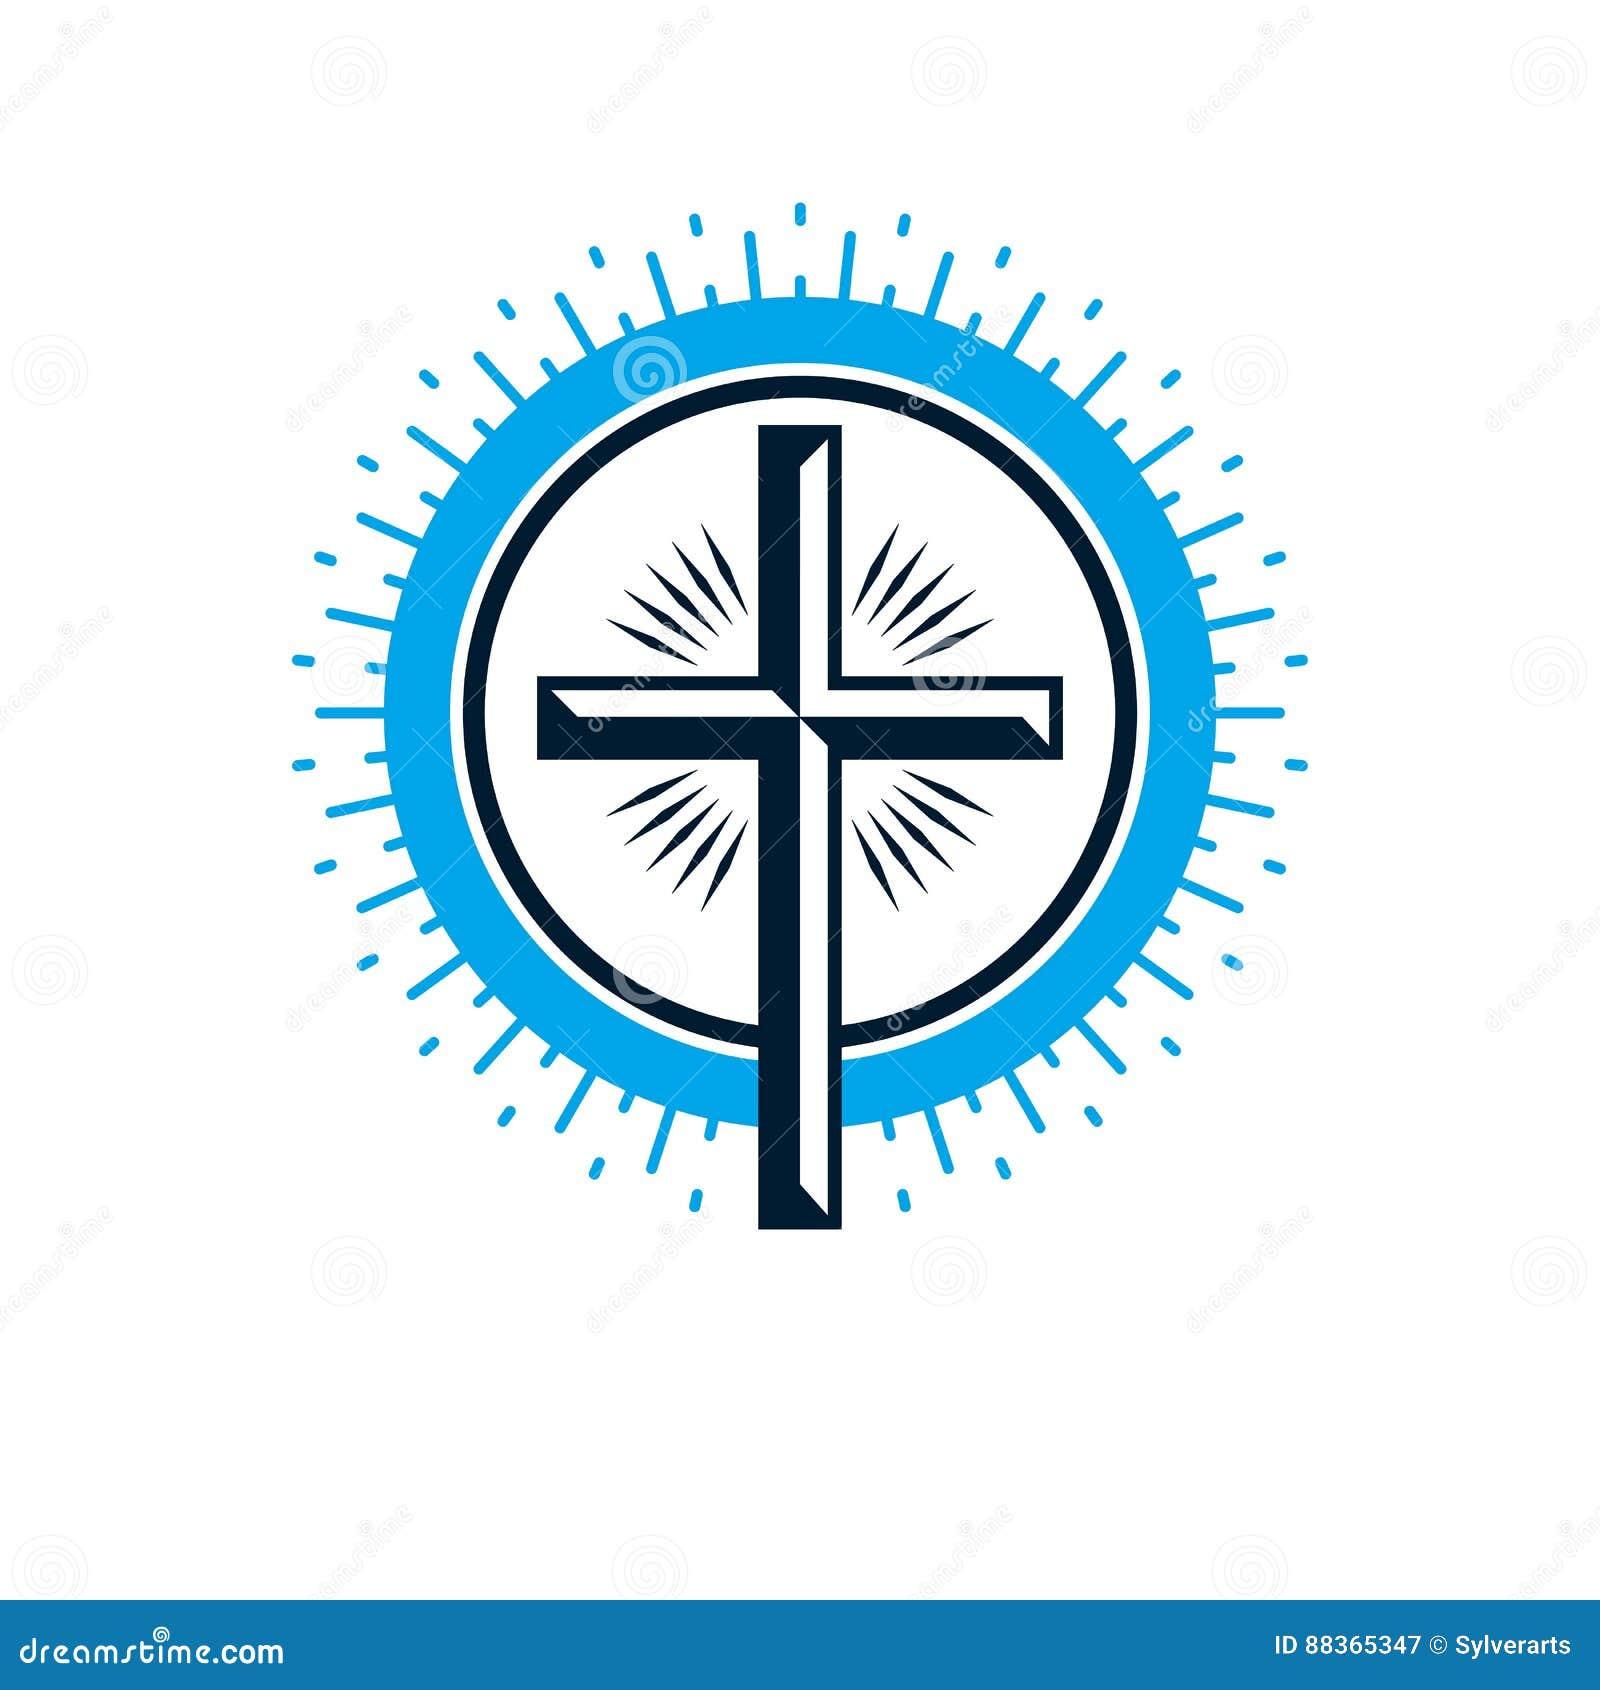 Christian cross true belief vector religion symbol christianity christian cross true belief vector religion symbol christianity biocorpaavc Gallery